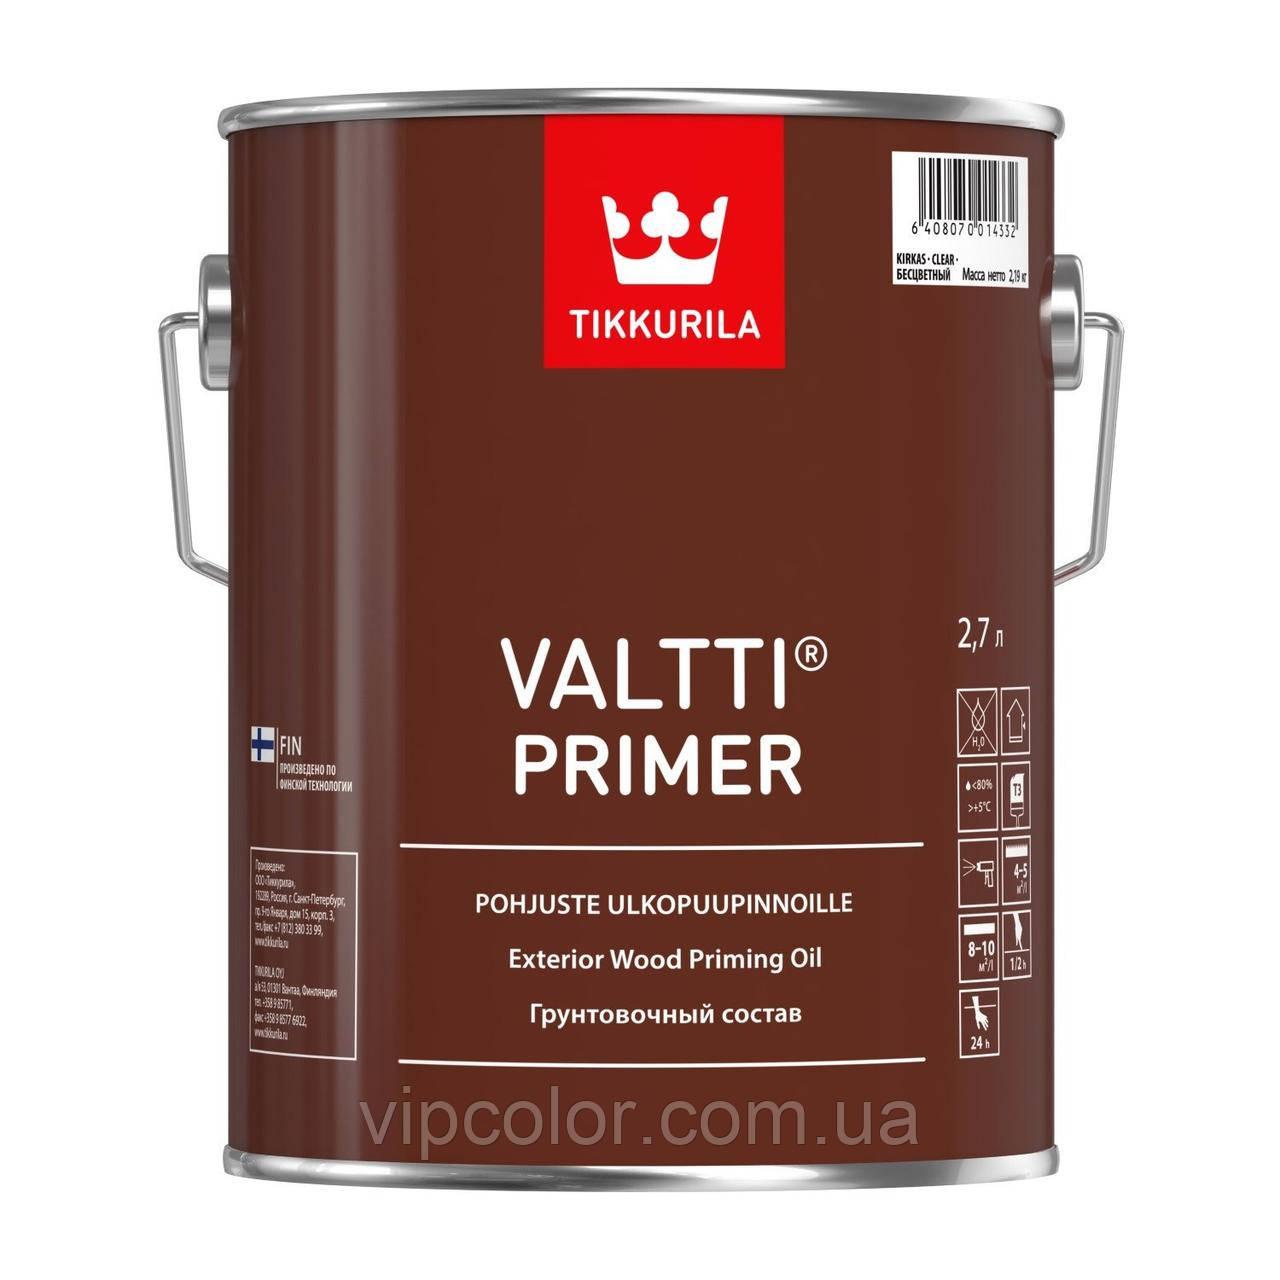 Tikkurila Valtti Primer грунтовочный состав для древесины Бесцветный 2,7 л